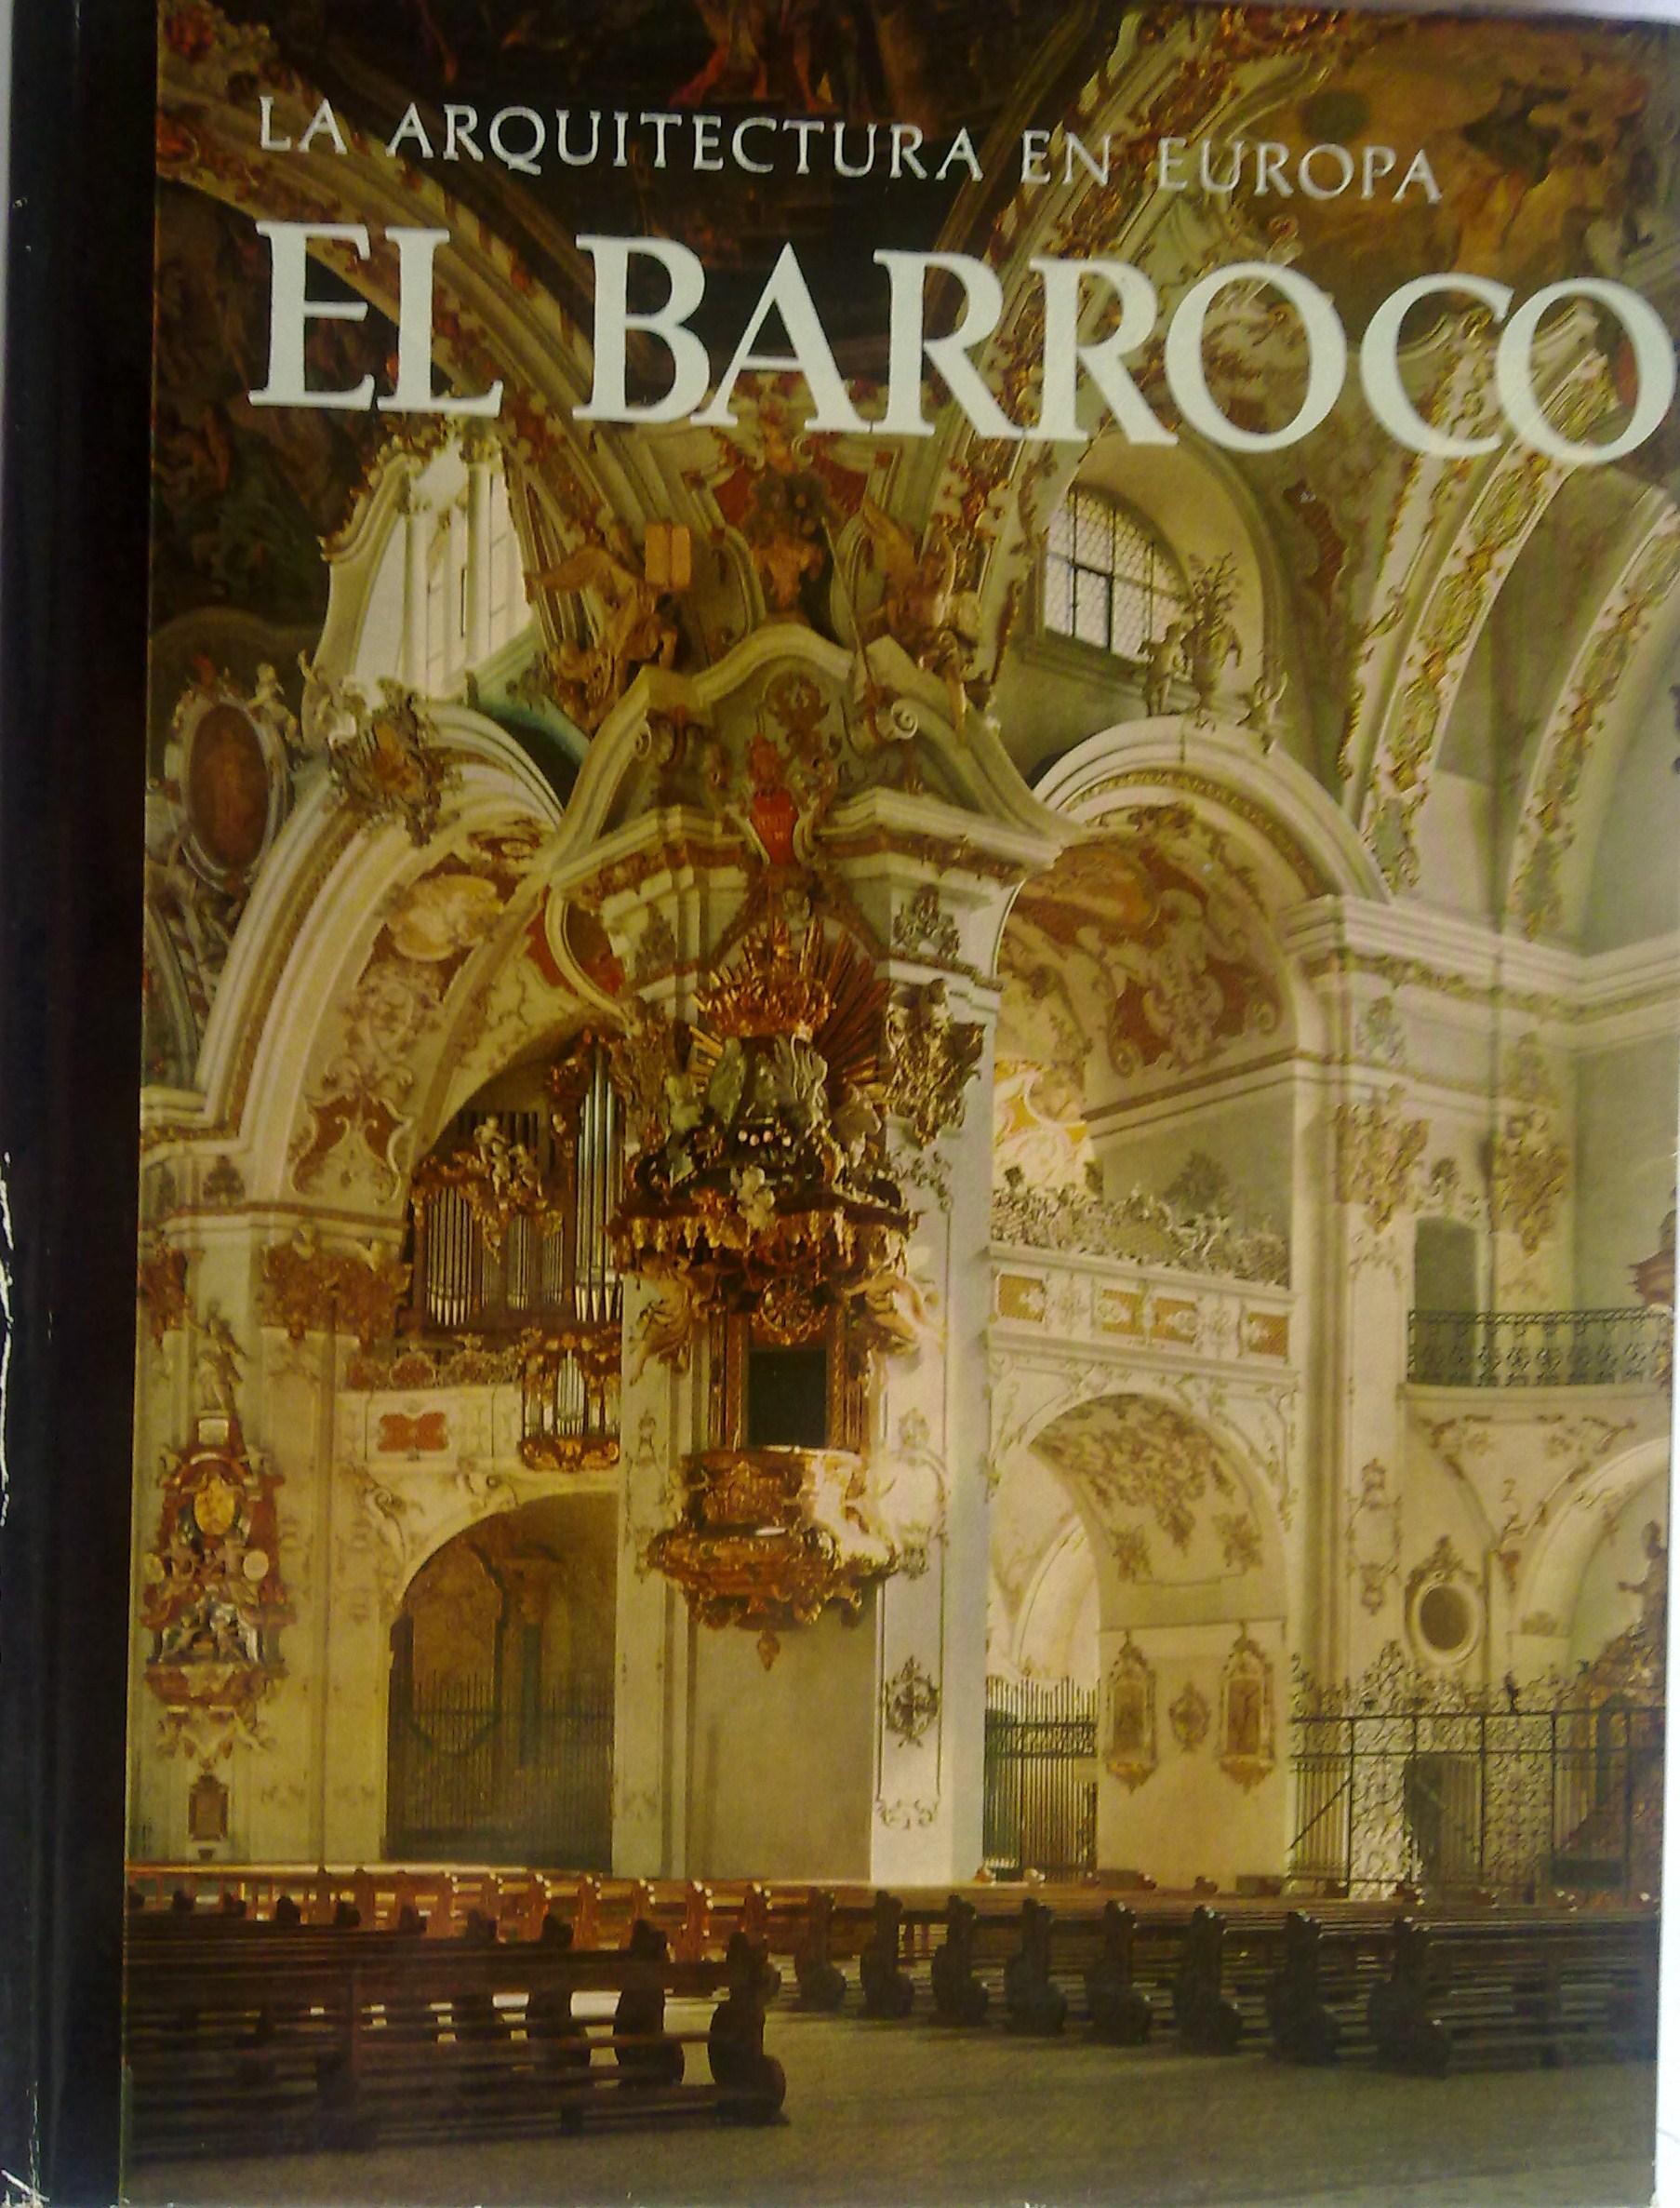 Arquitectura del barroco en Europa